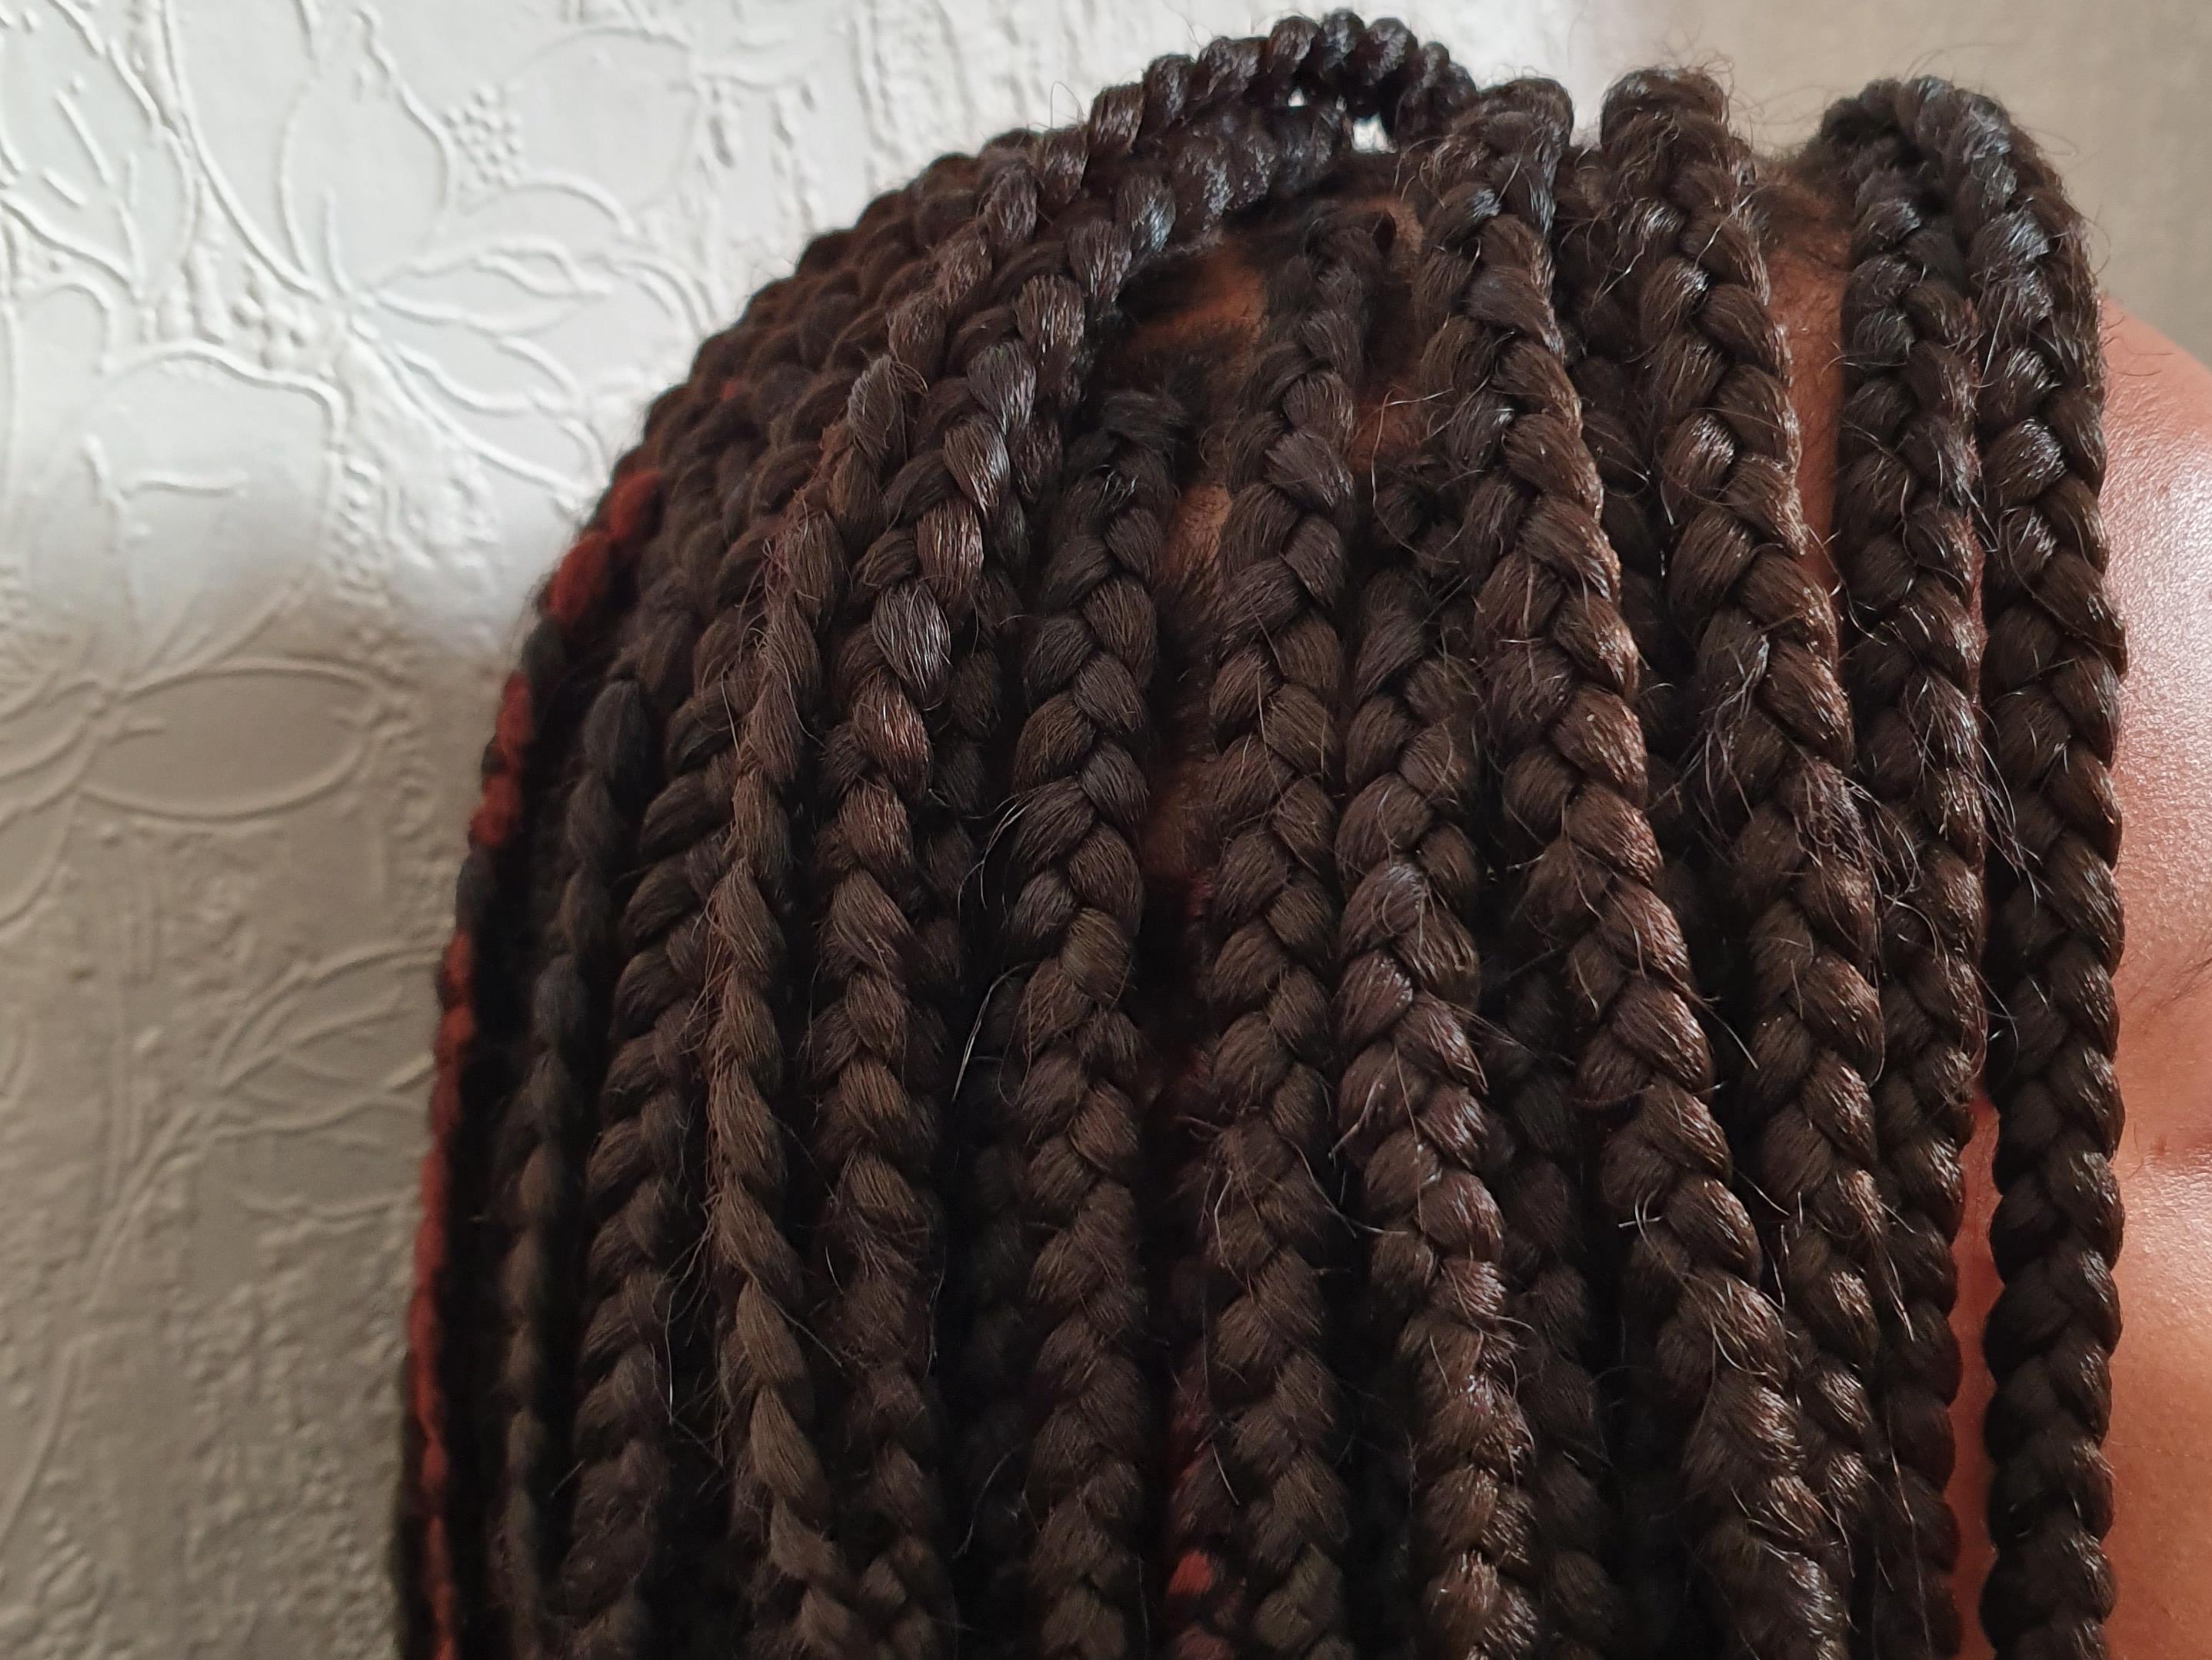 salon de coiffure afro tresse tresses box braids crochet braids vanilles tissages paris 75 77 78 91 92 93 94 95 OTTAZMVY